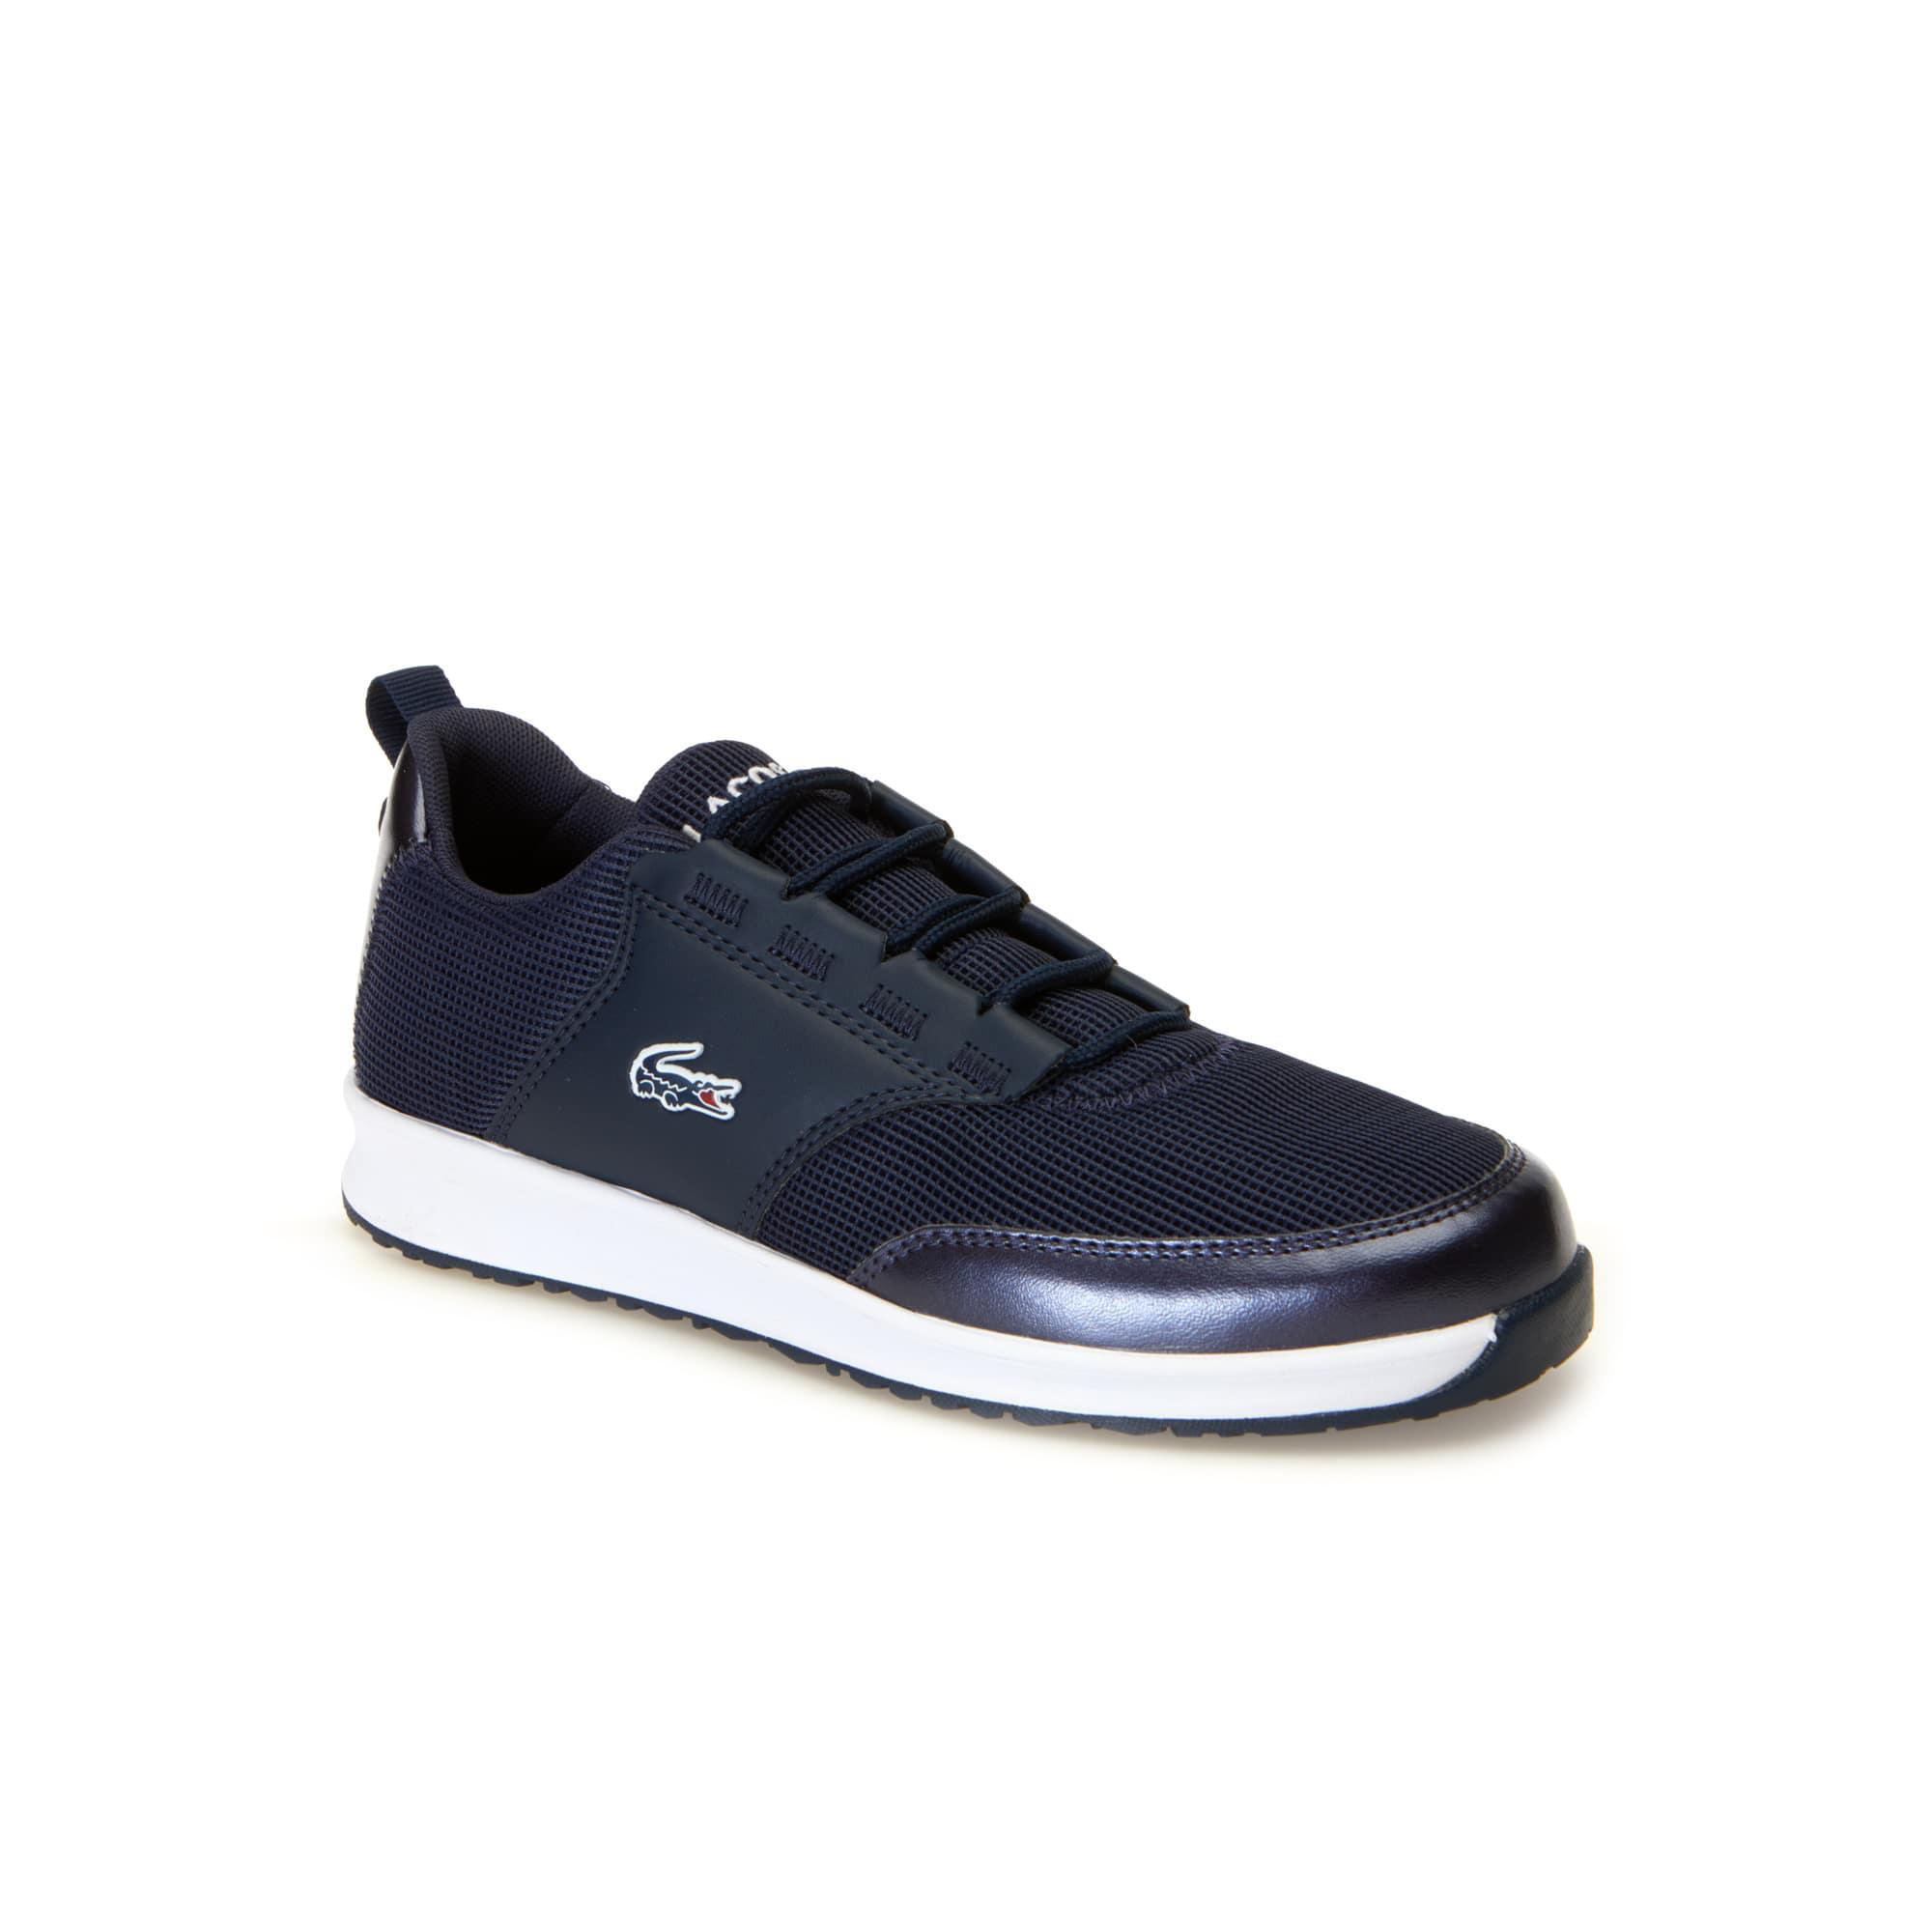 Sneakers L.ight enfant couleur métallique en textile et synthétique